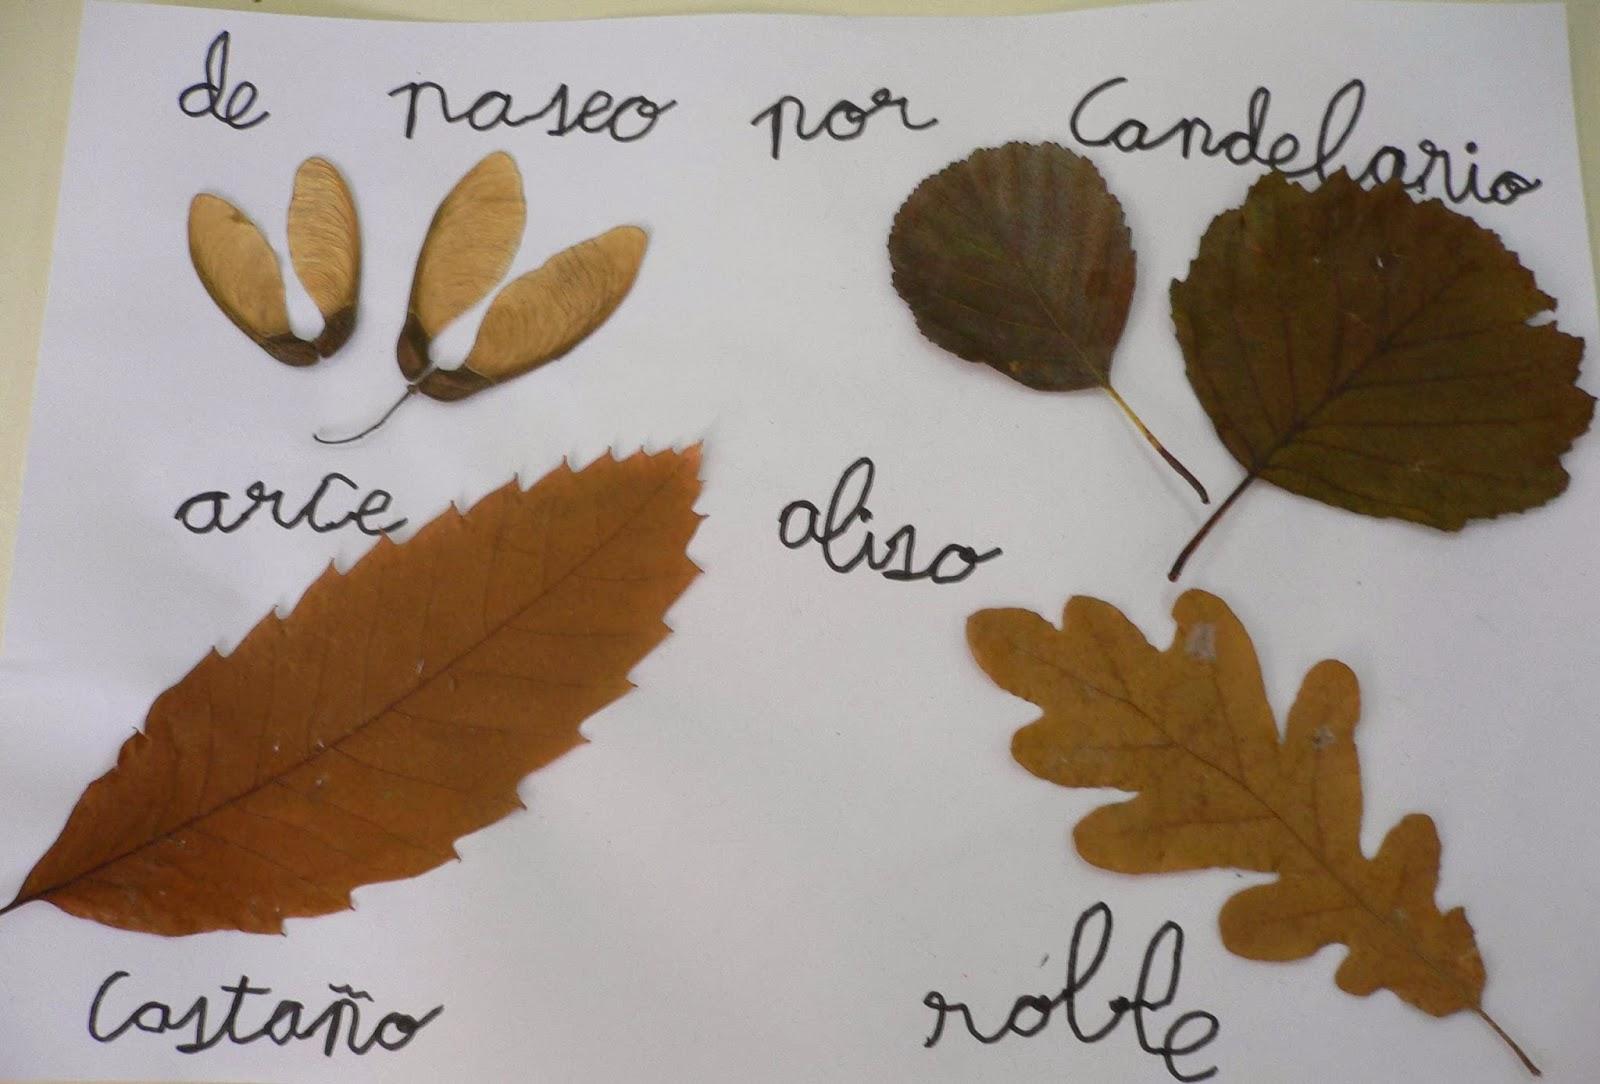 Nombres de hojas de arboles imagui for Arboles con sus nombres y caracteristicas